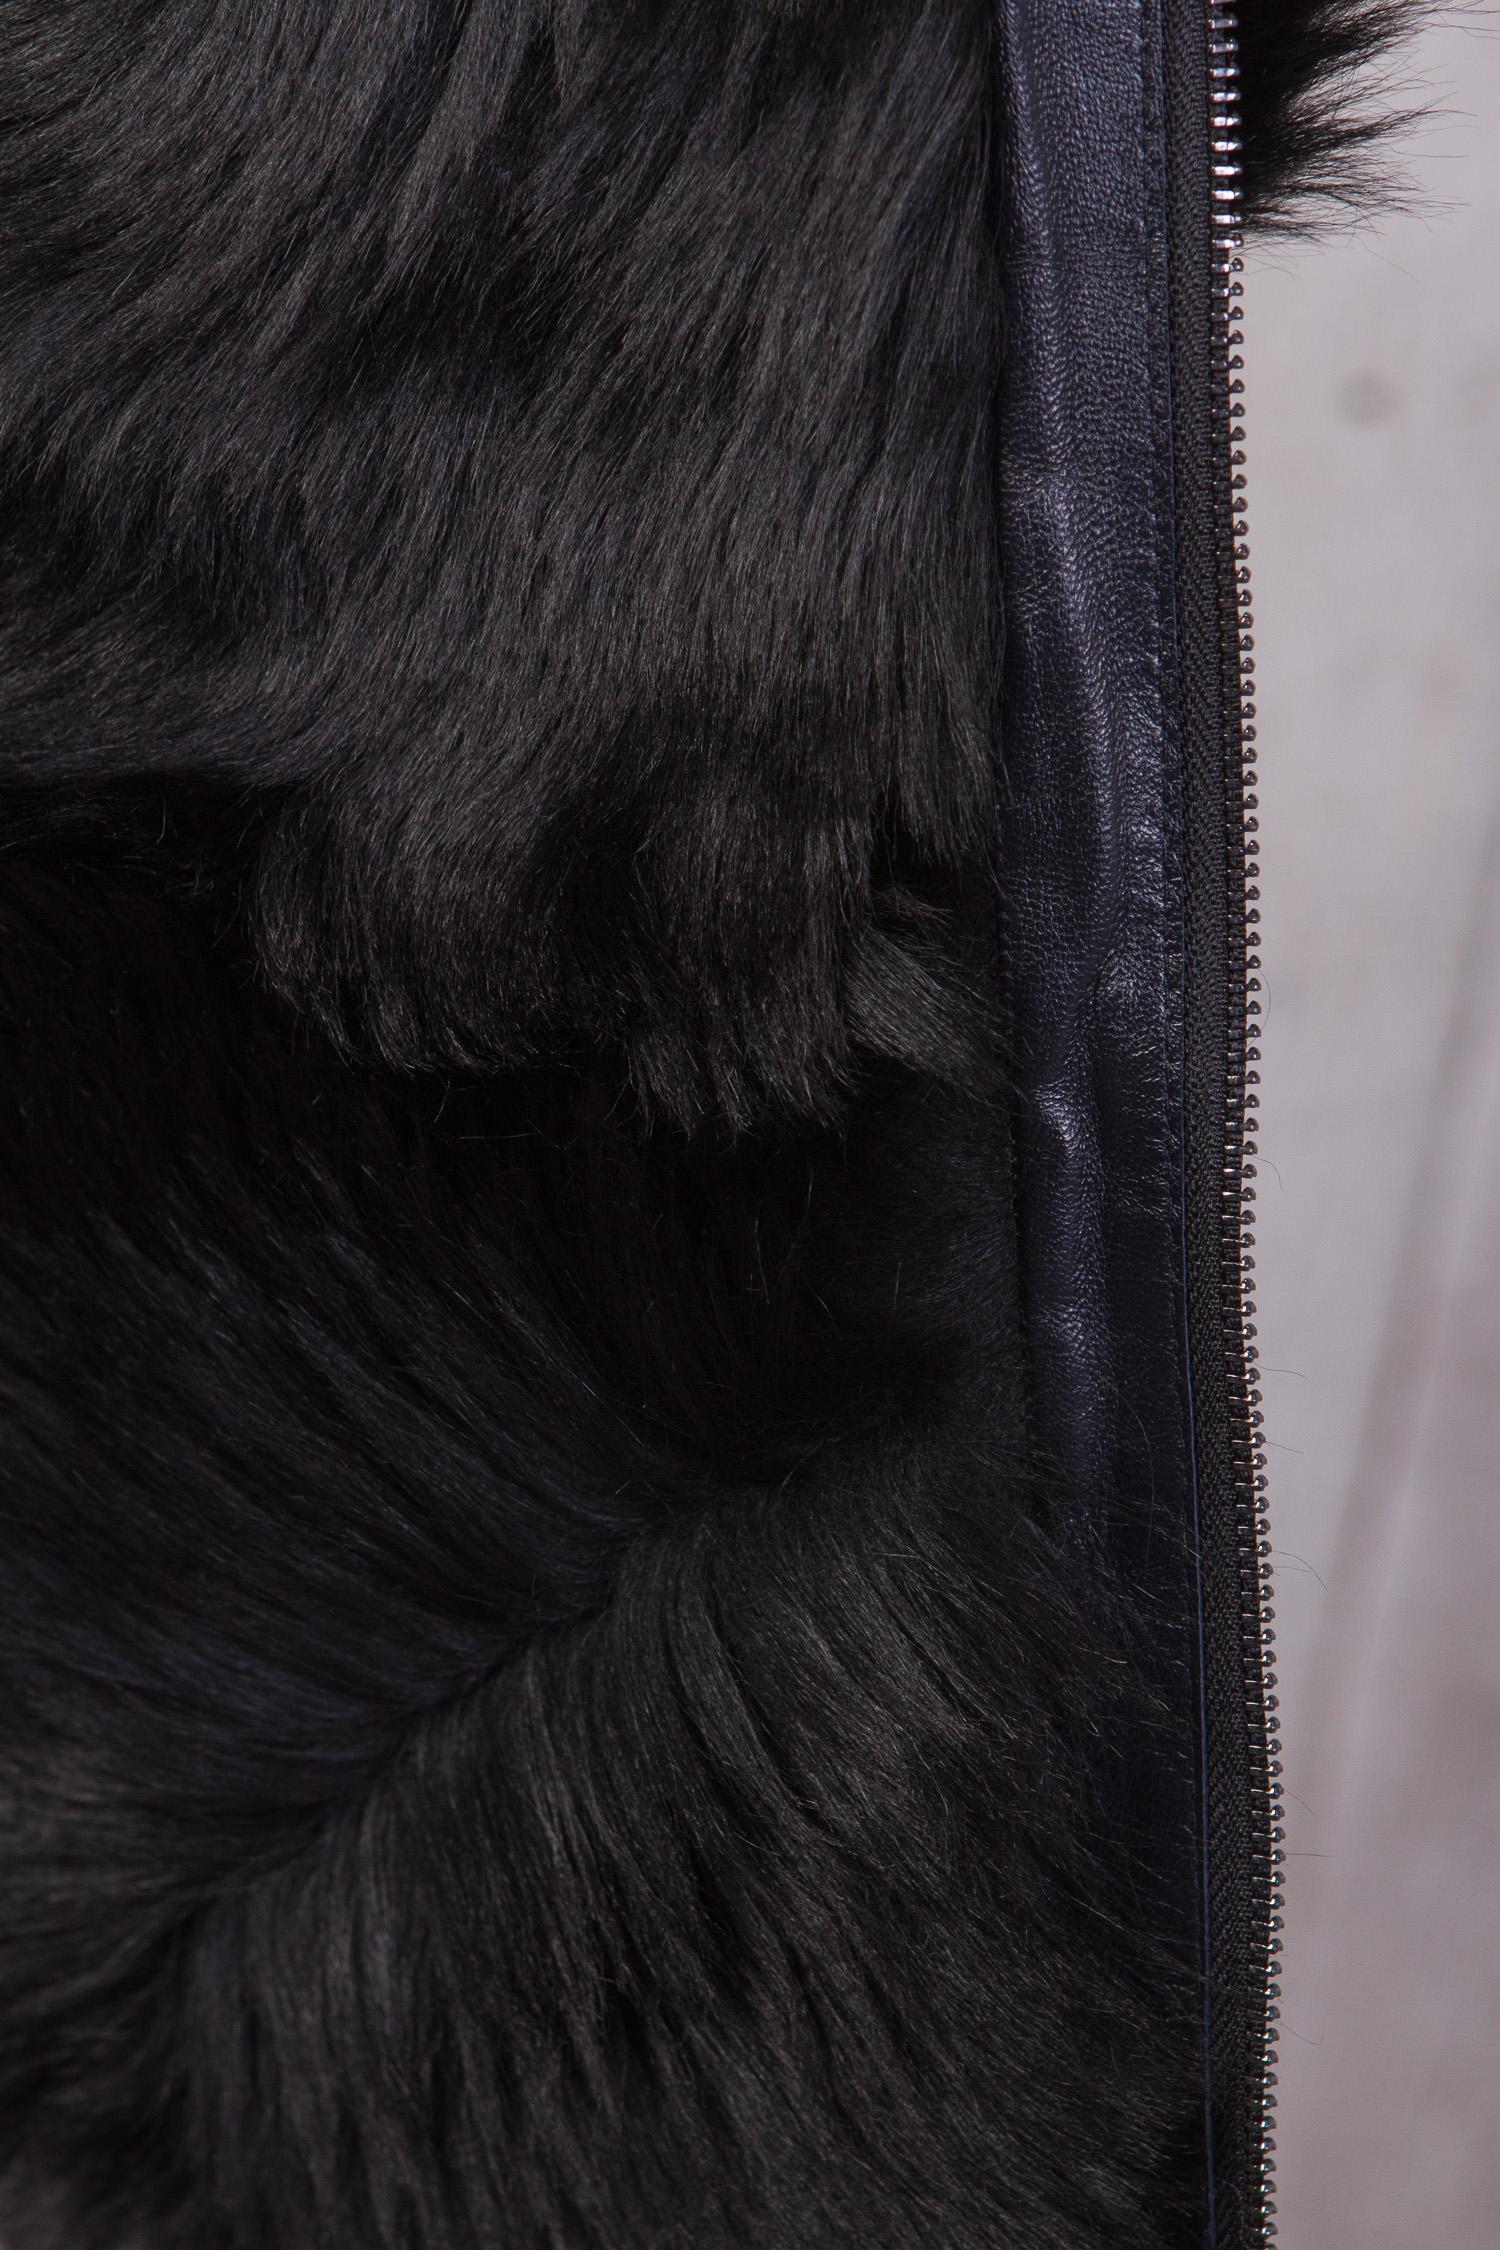 Фото 2 - Мужская кожаная куртка из натуральной кожи на меху с воротником от МОСМЕХА синего цвета